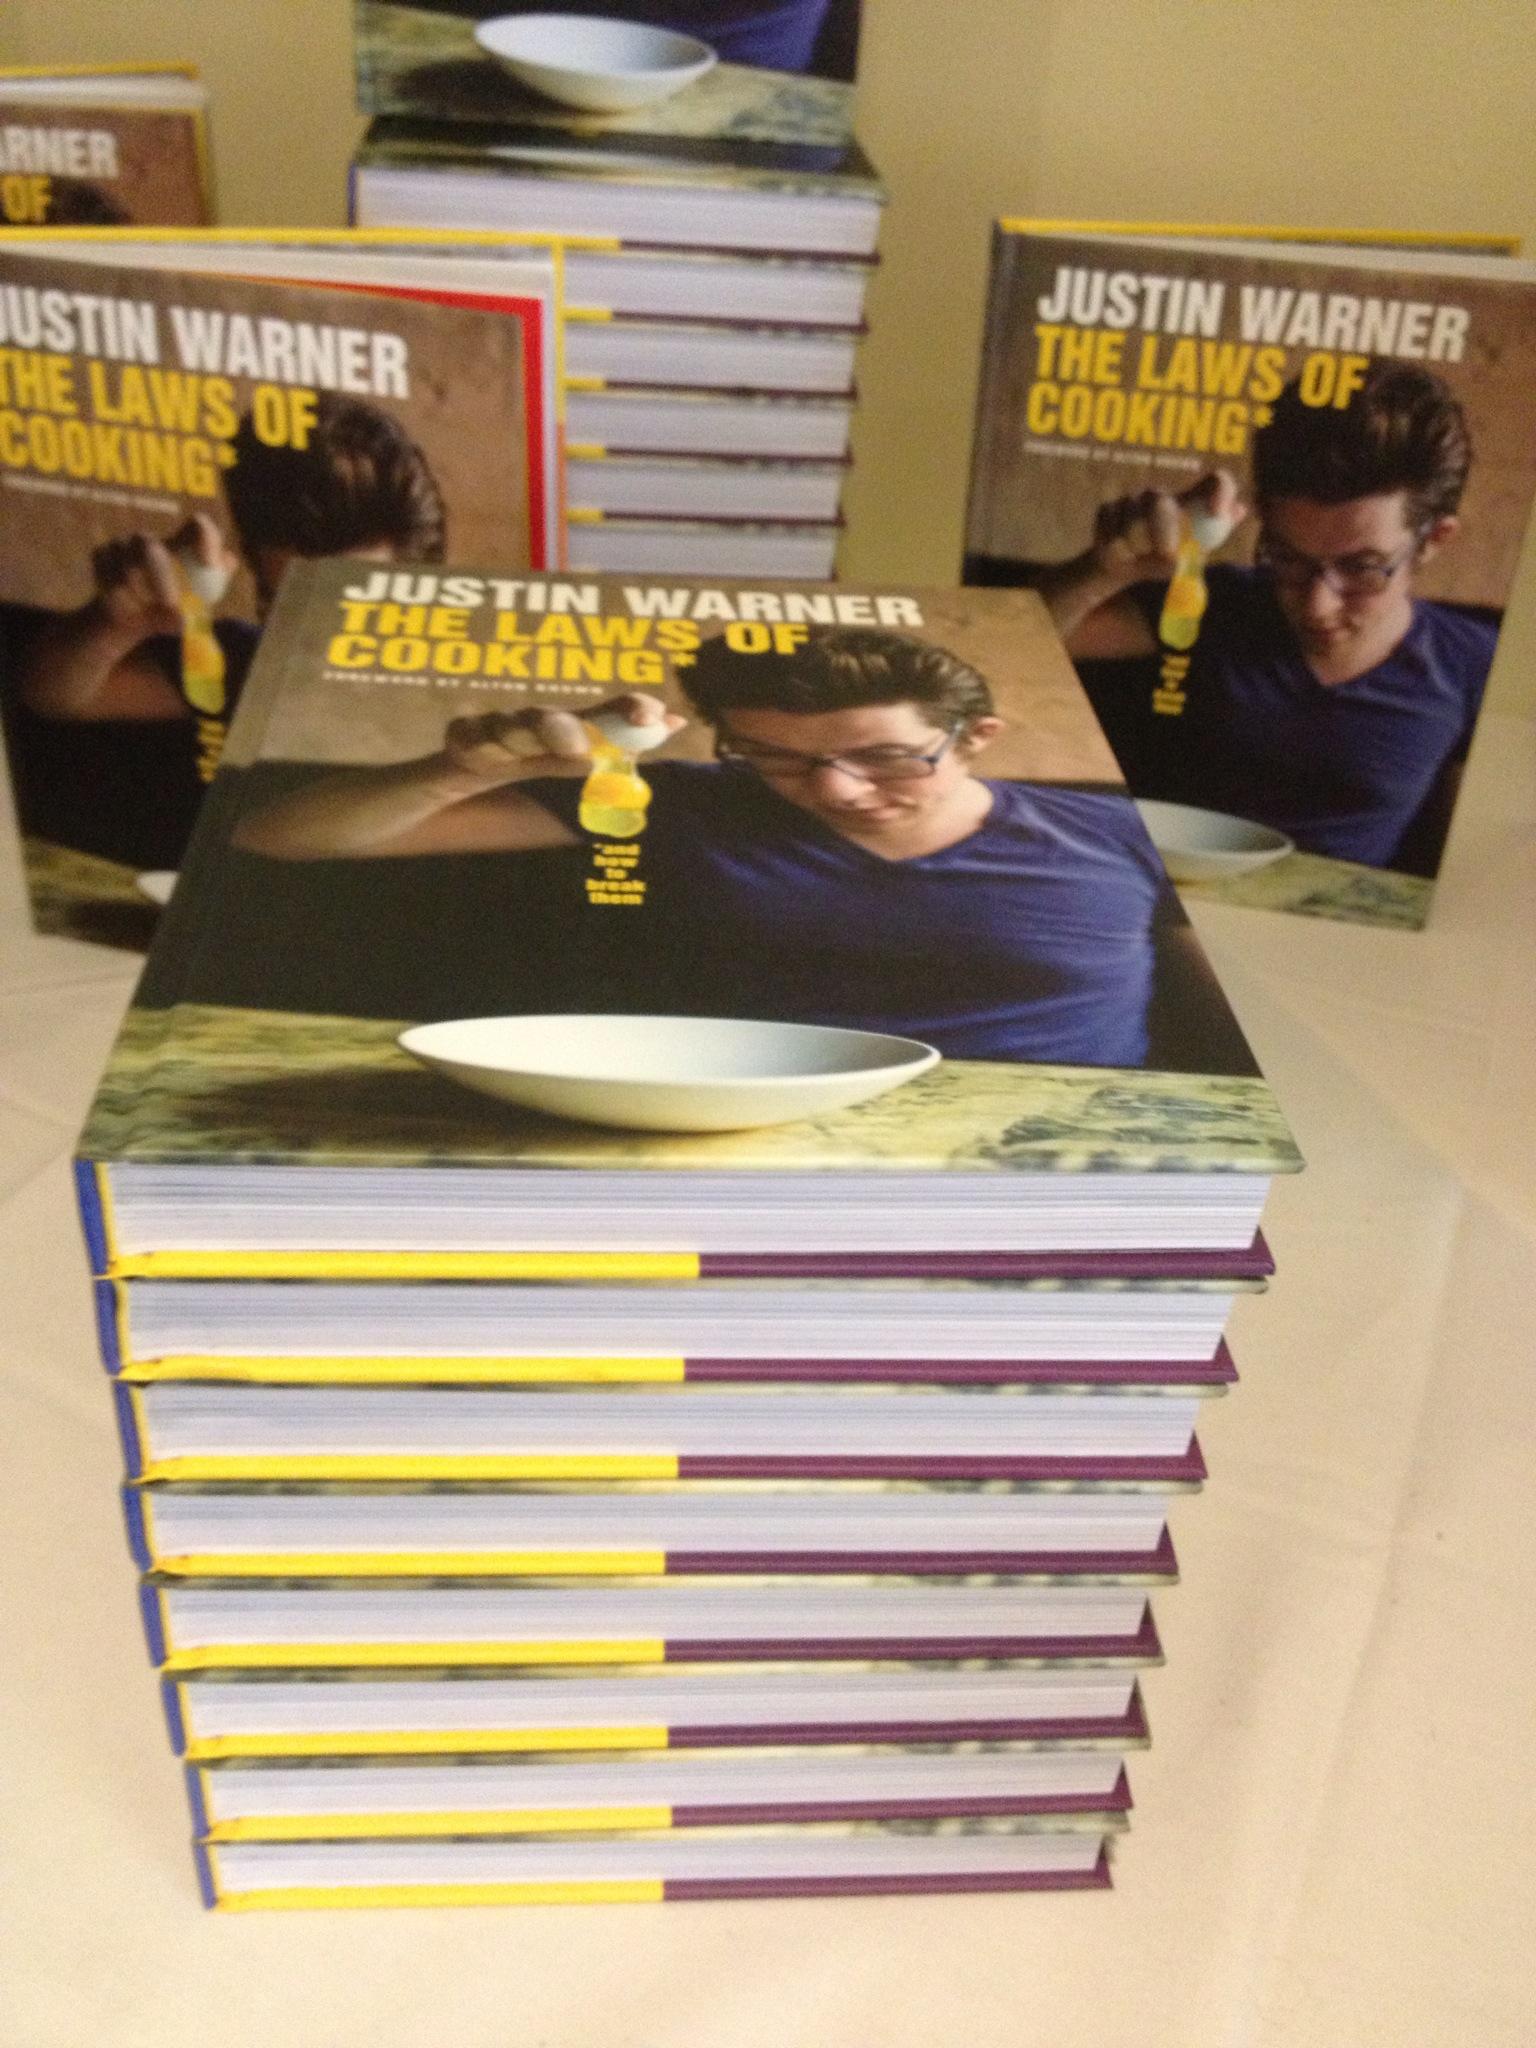 Justin Warner's recent cookbook from Flatiron Press